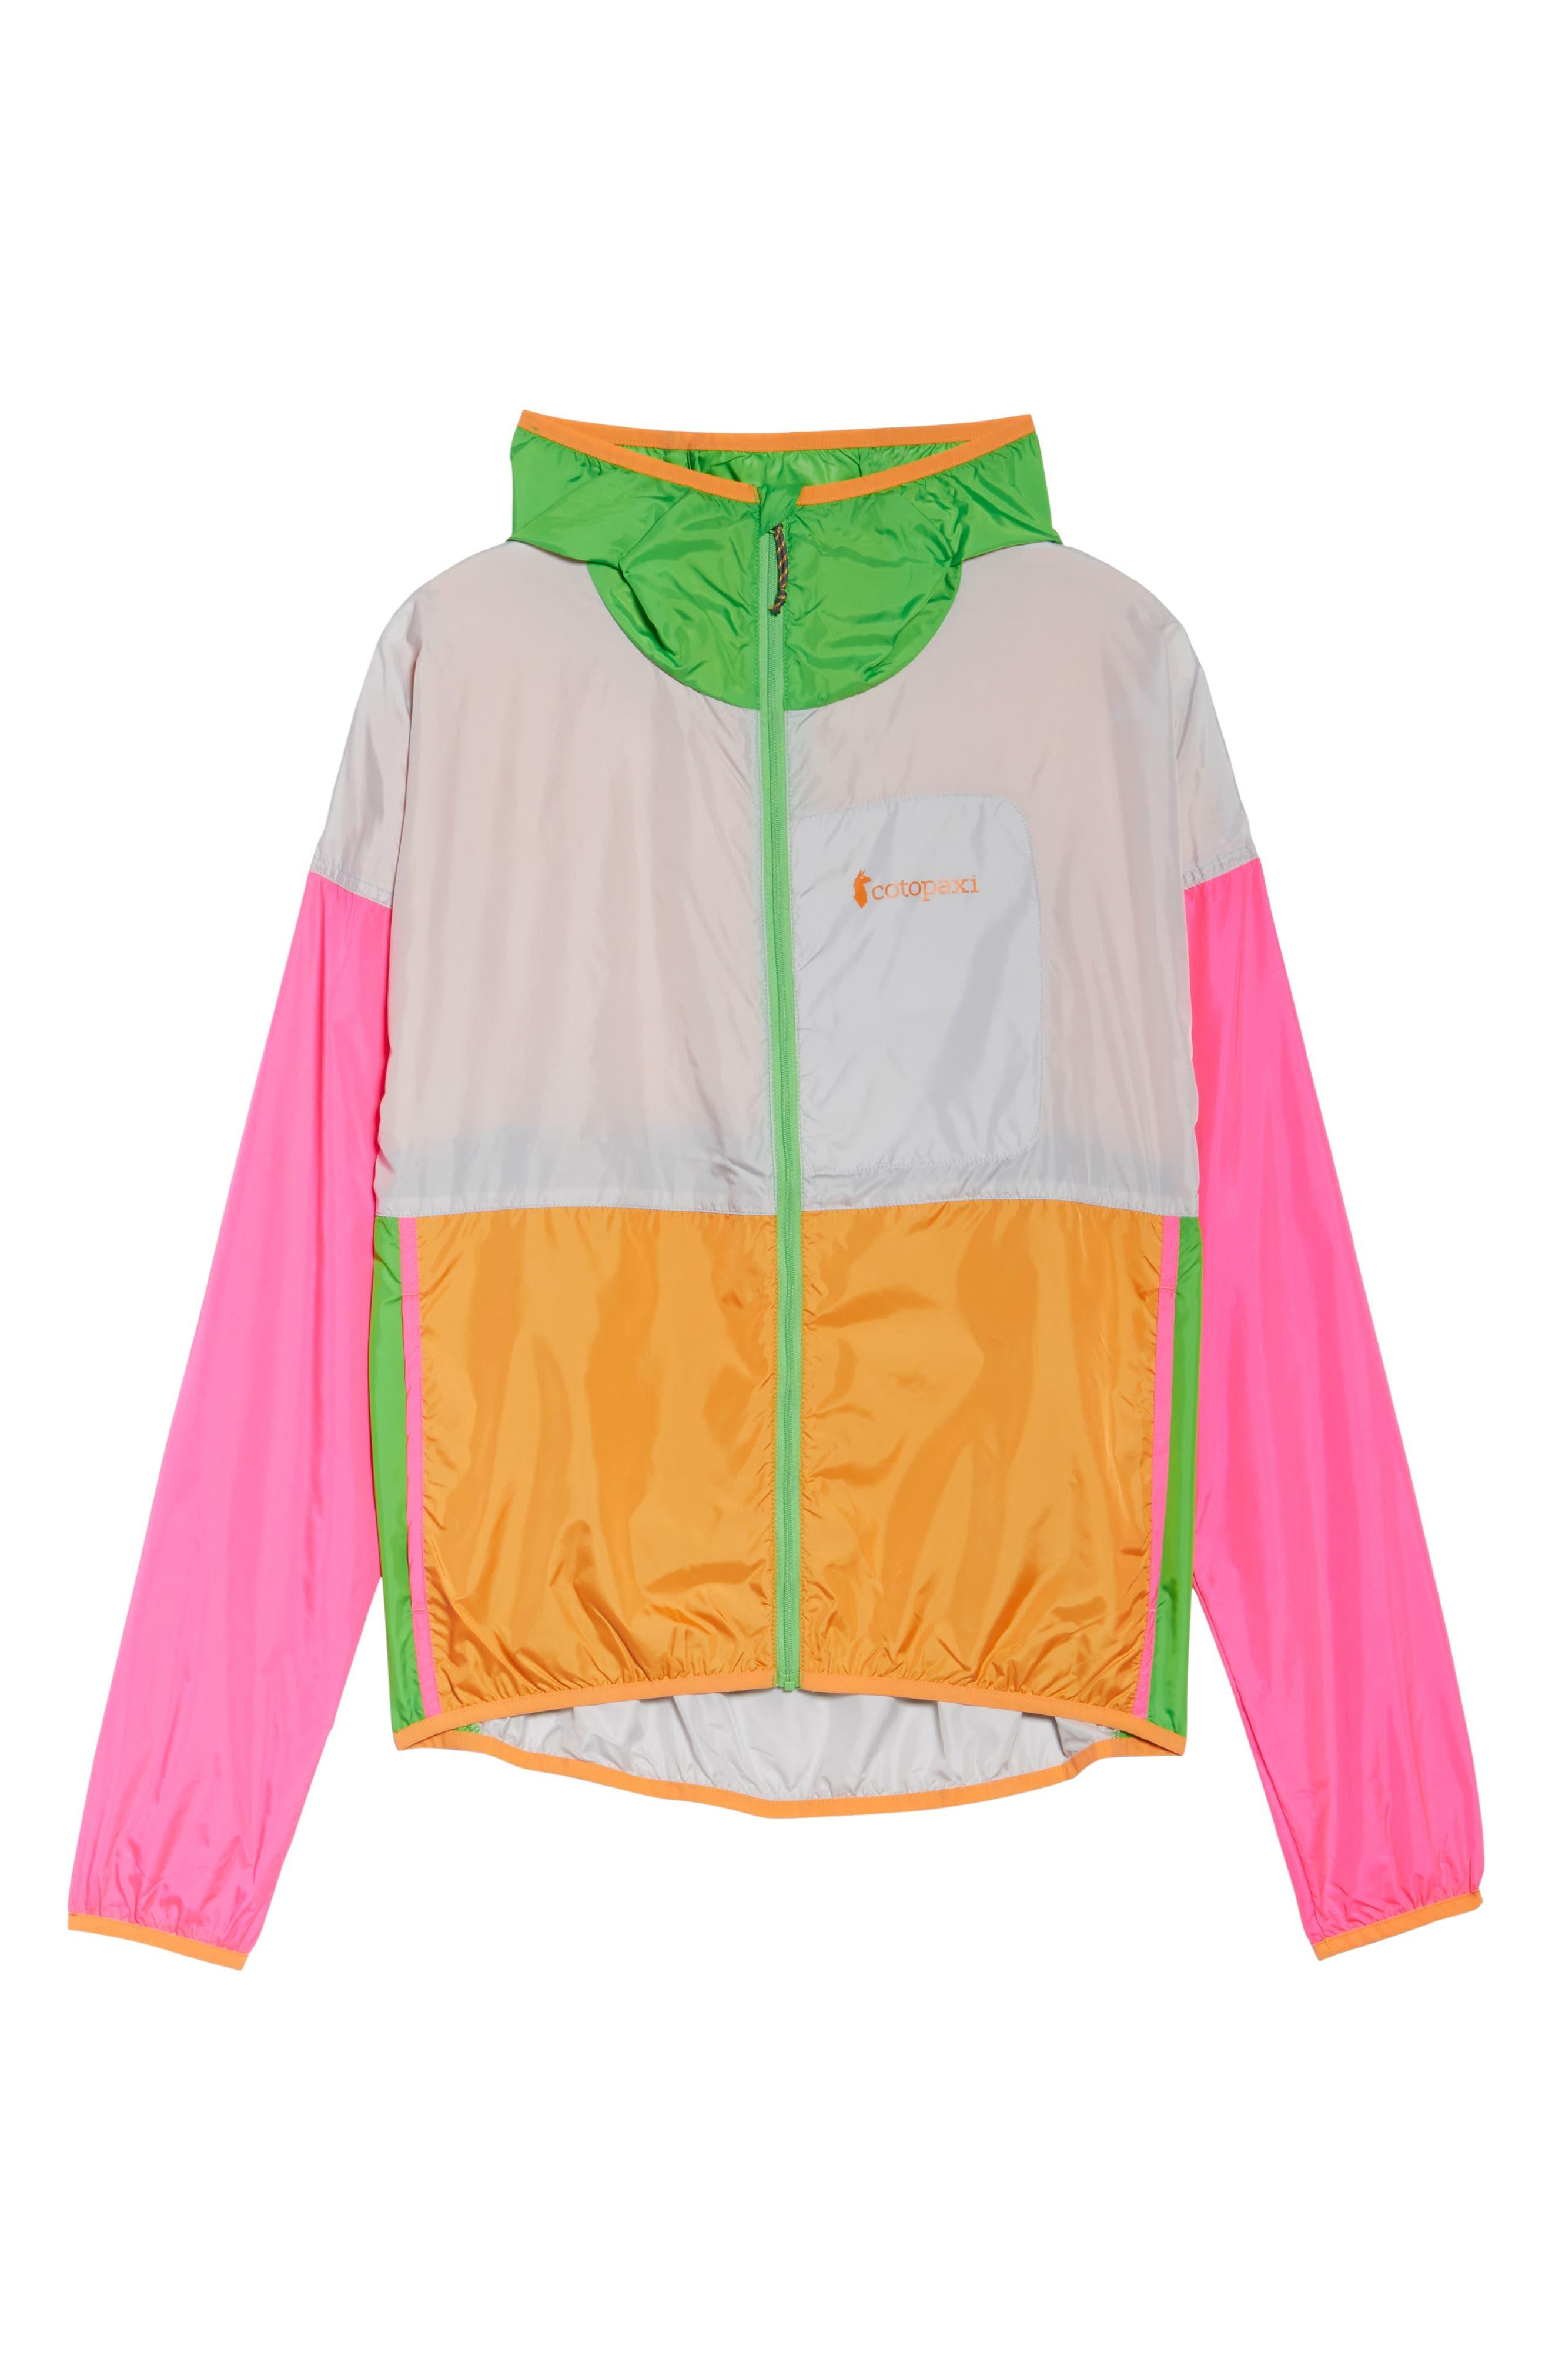 Teca Packable Water Resistant Windbreaker Jacket,                             Alternate thumbnail 29, color,